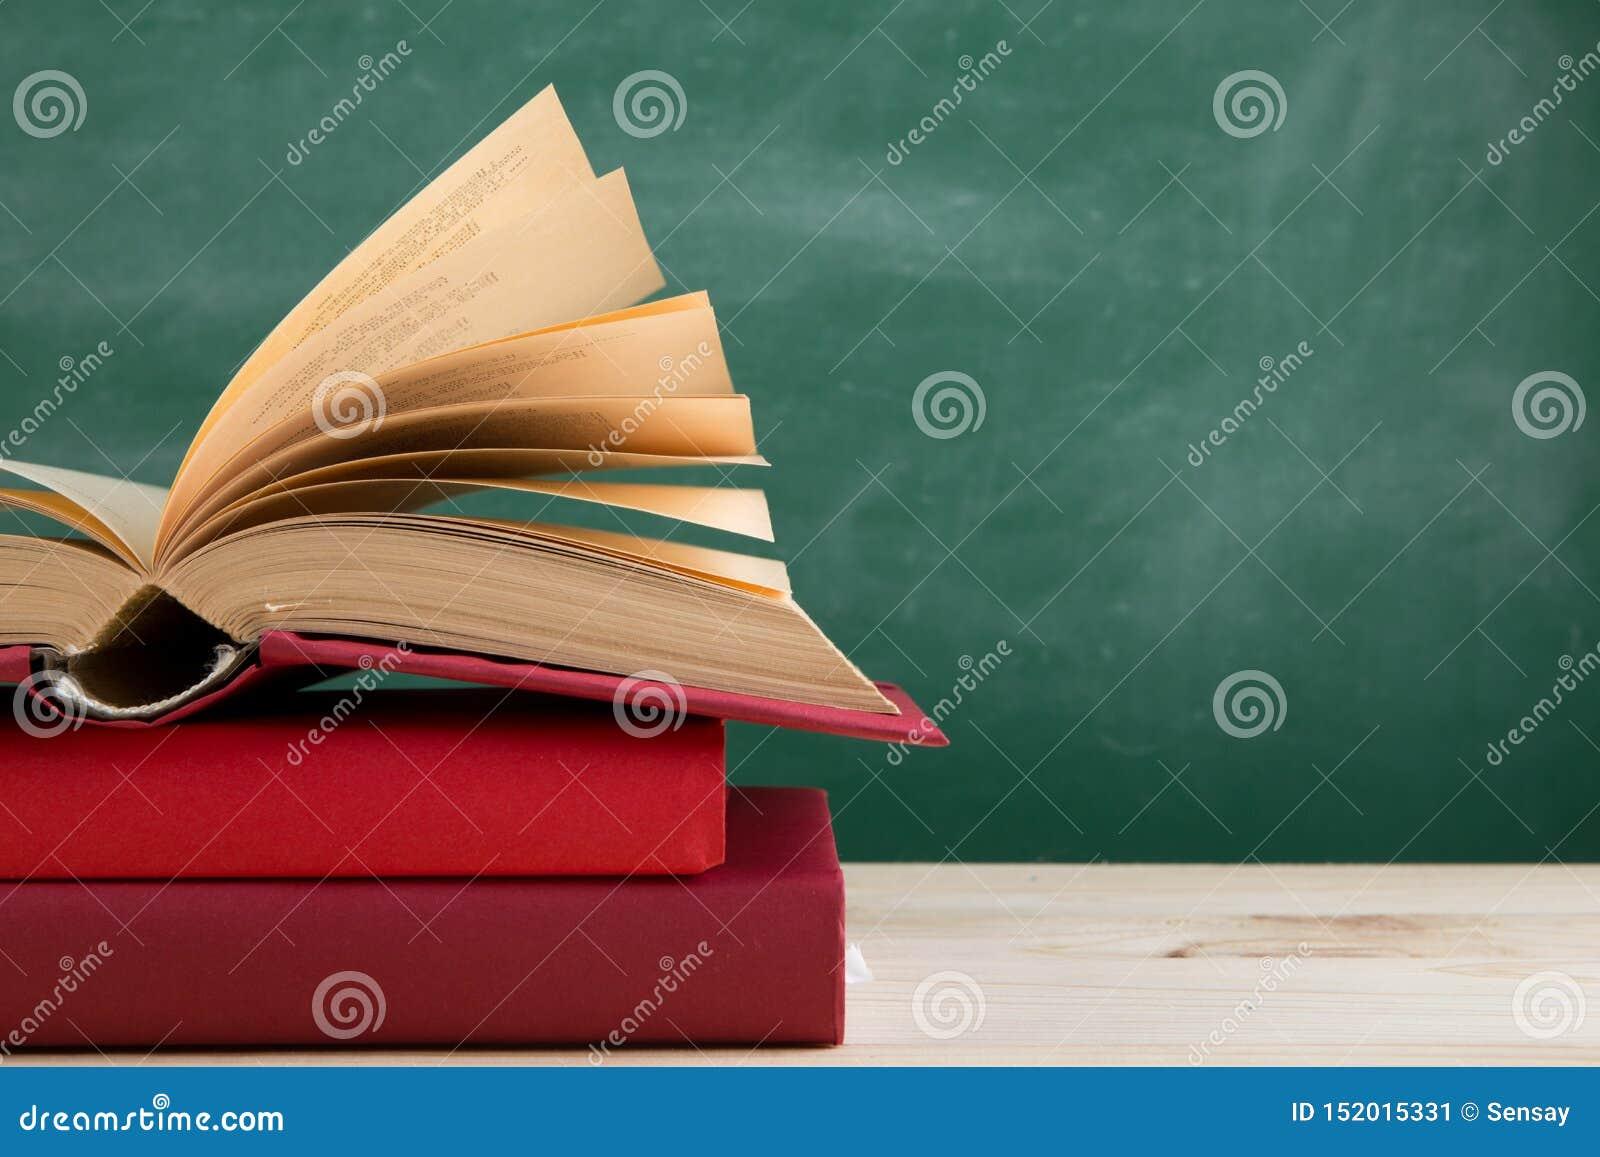 Edukacji i czytania pojęcie - grupa kolorowe książki na drewnianym stole w sali lekcyjnej, blackboard tło